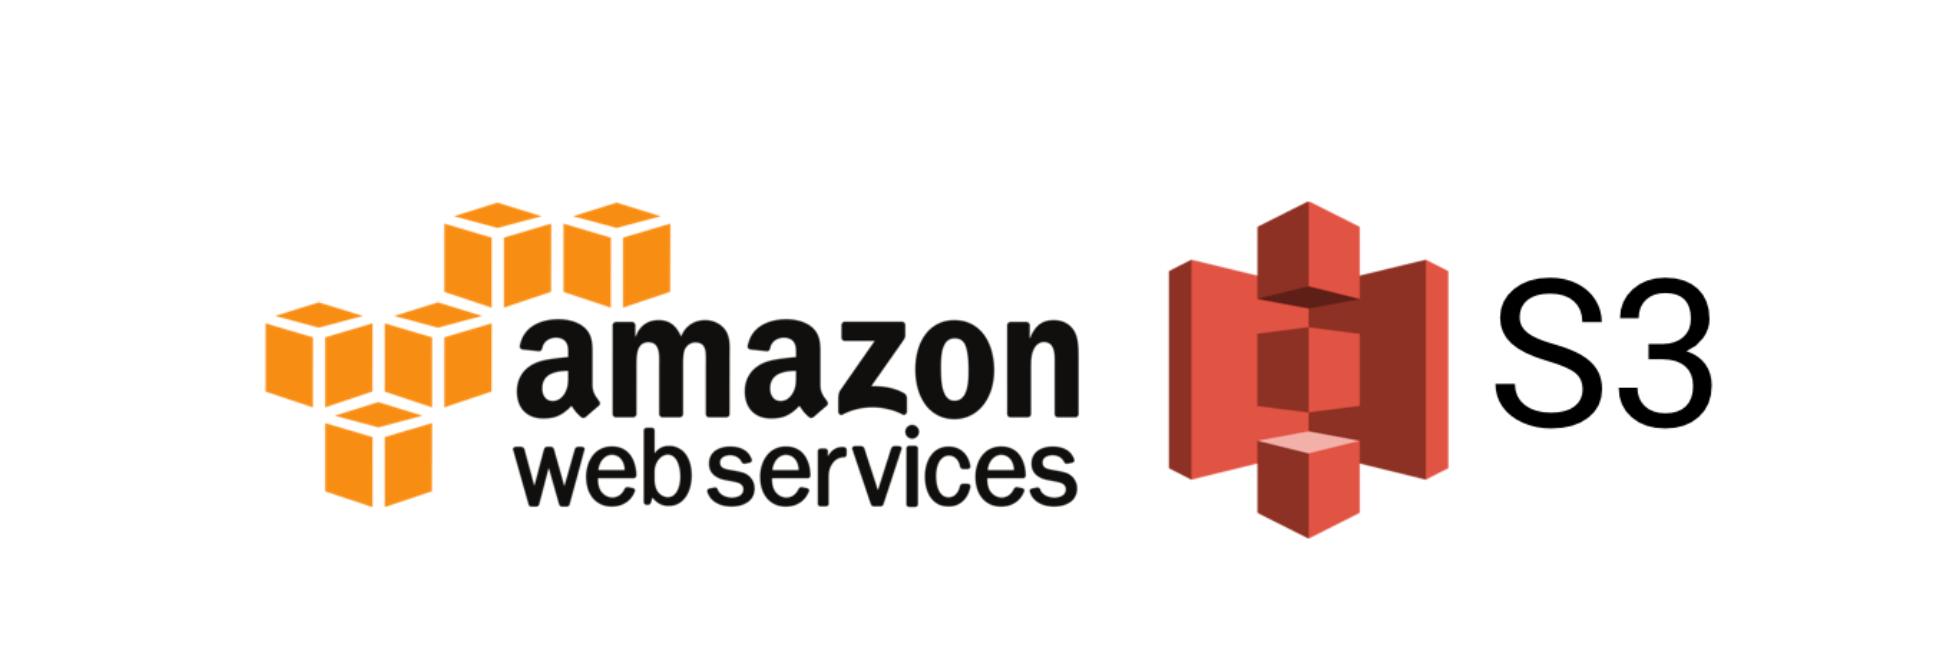 Amazon S3 performance